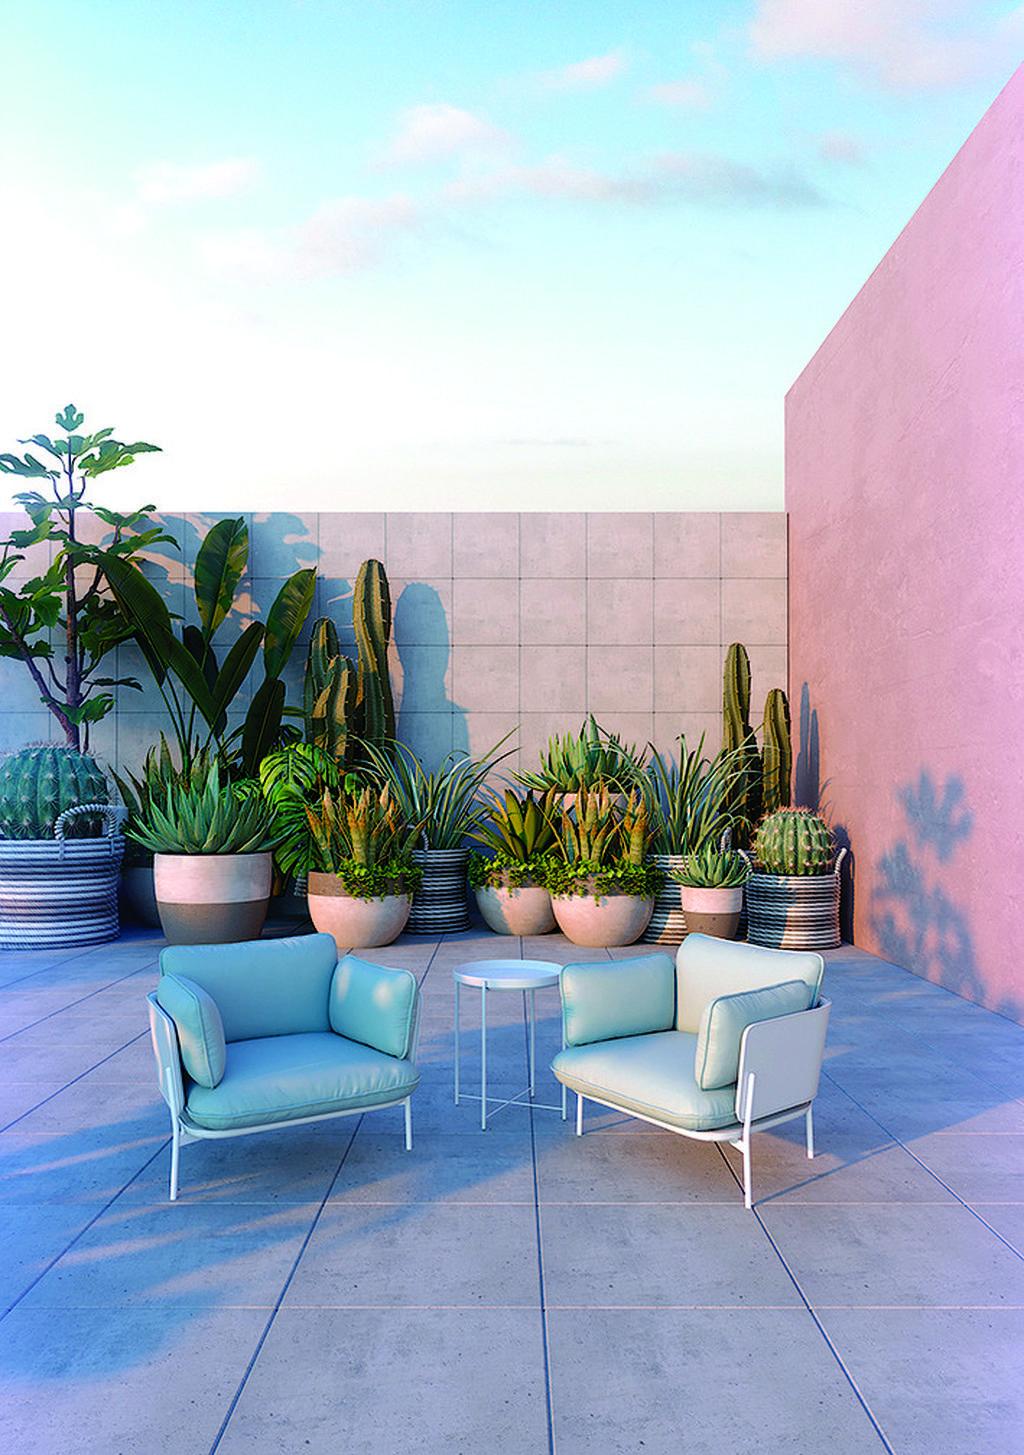 """אריחי בטון מעוצבים מסדרת VERSAILLES, רשת אלוני. צילום: יח""""צ חו""""ל"""